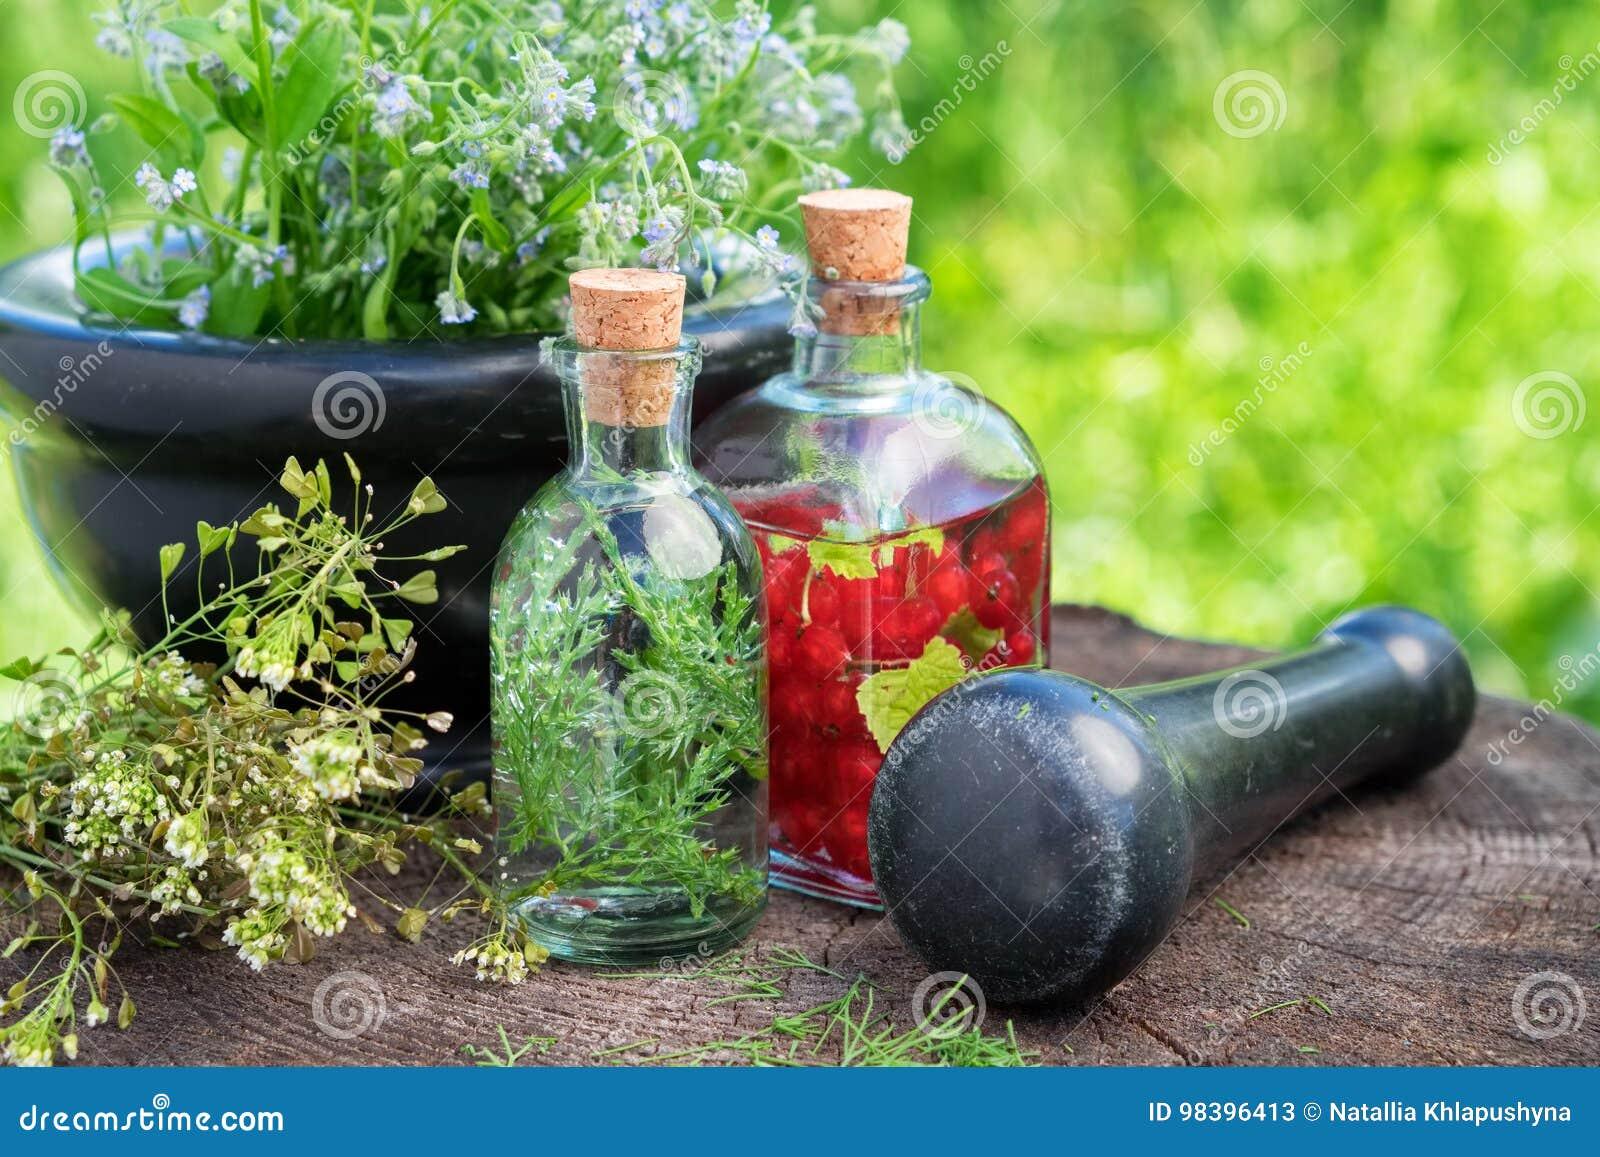 Миномет заживление трав, травяной тинктуры, здорового вливания и лекарственных растений